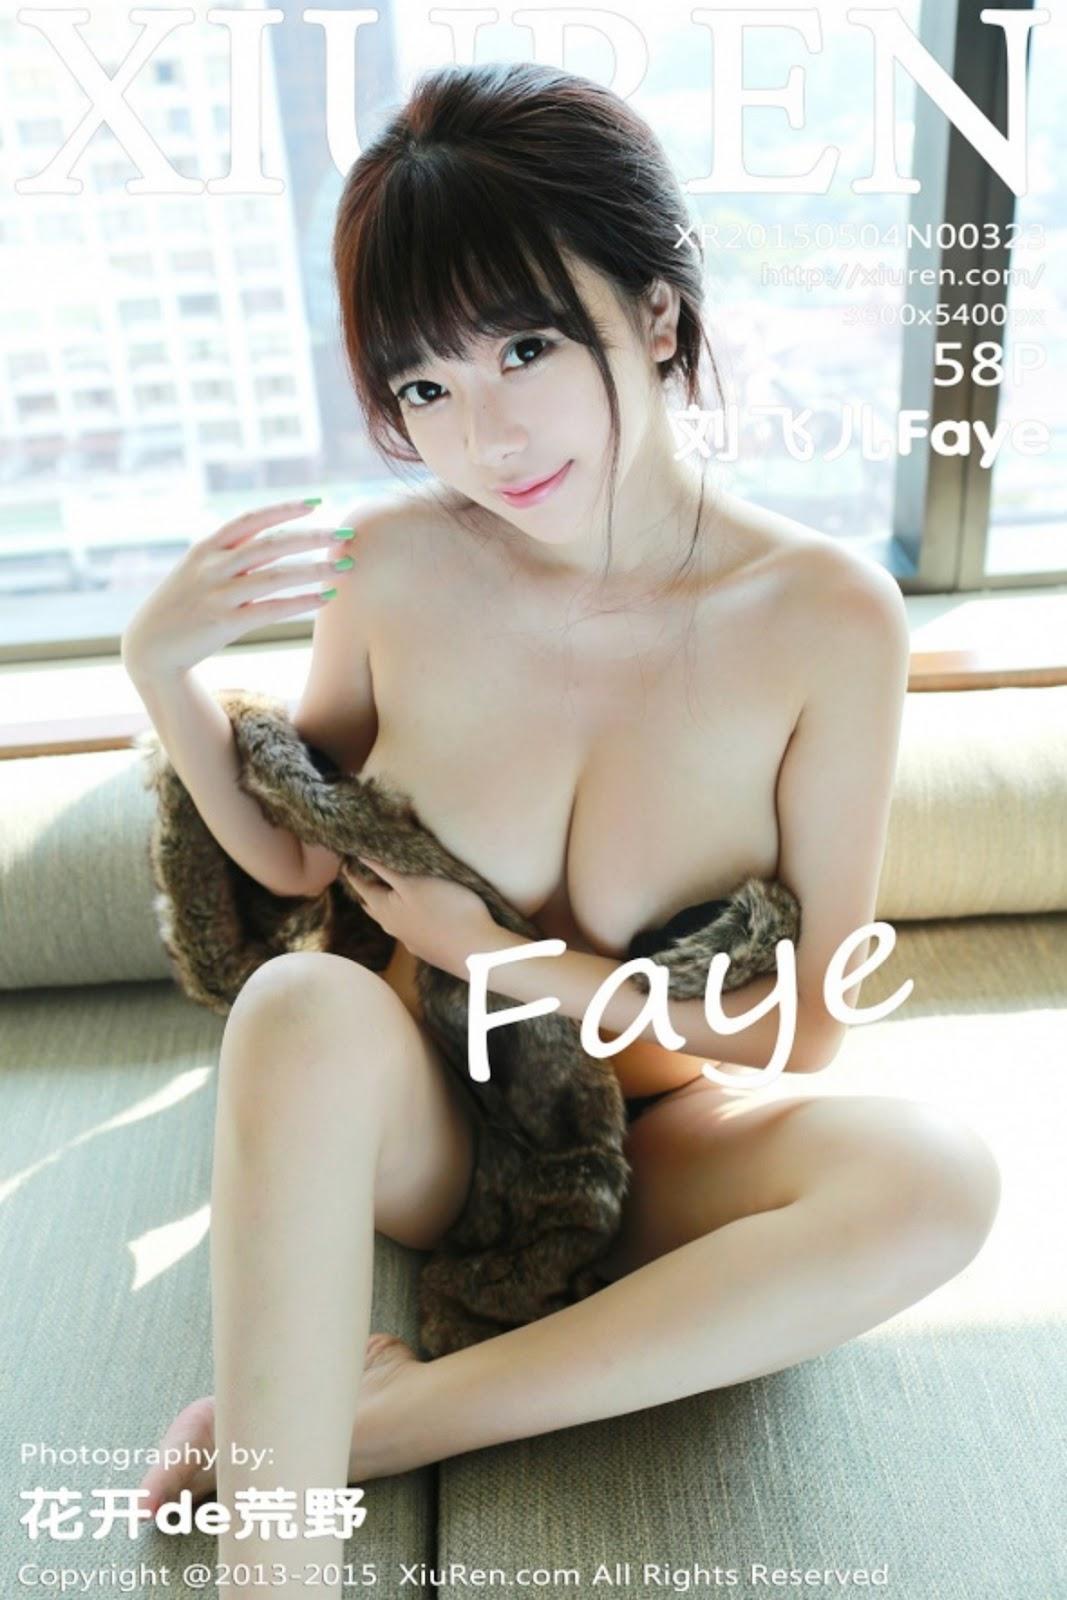 cover323 - Beautiful Nude Girl XIUREN NO.323 FAYE